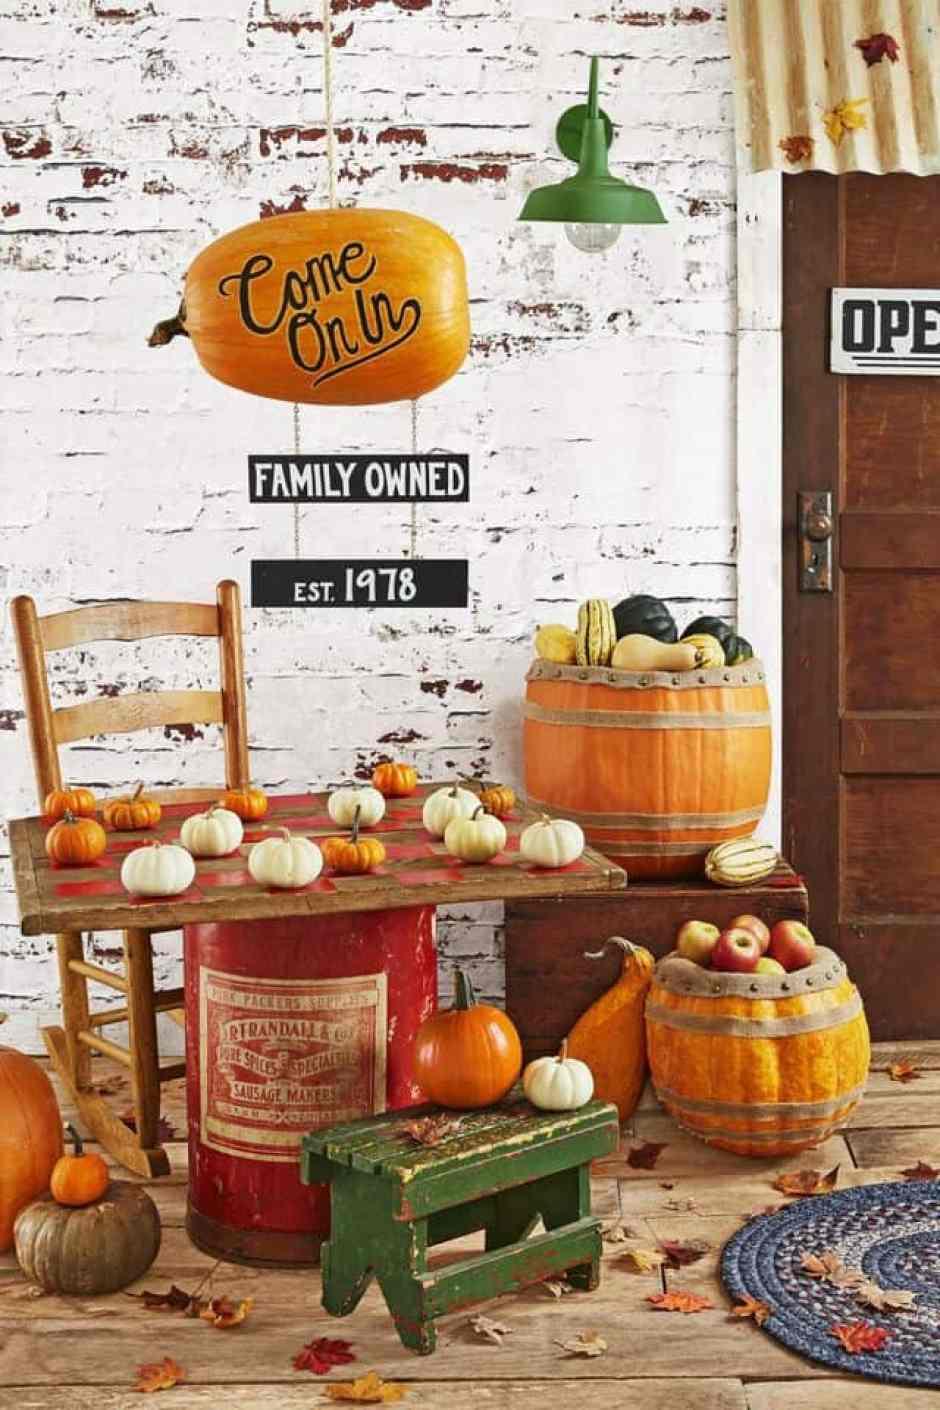 una bellissima idea per decorare il portico e l'ingresso di casa! Uno stand pieno di zucche e foglie con al centro una bellissima tavola di legno trasformata per l'occasione in scacchiera